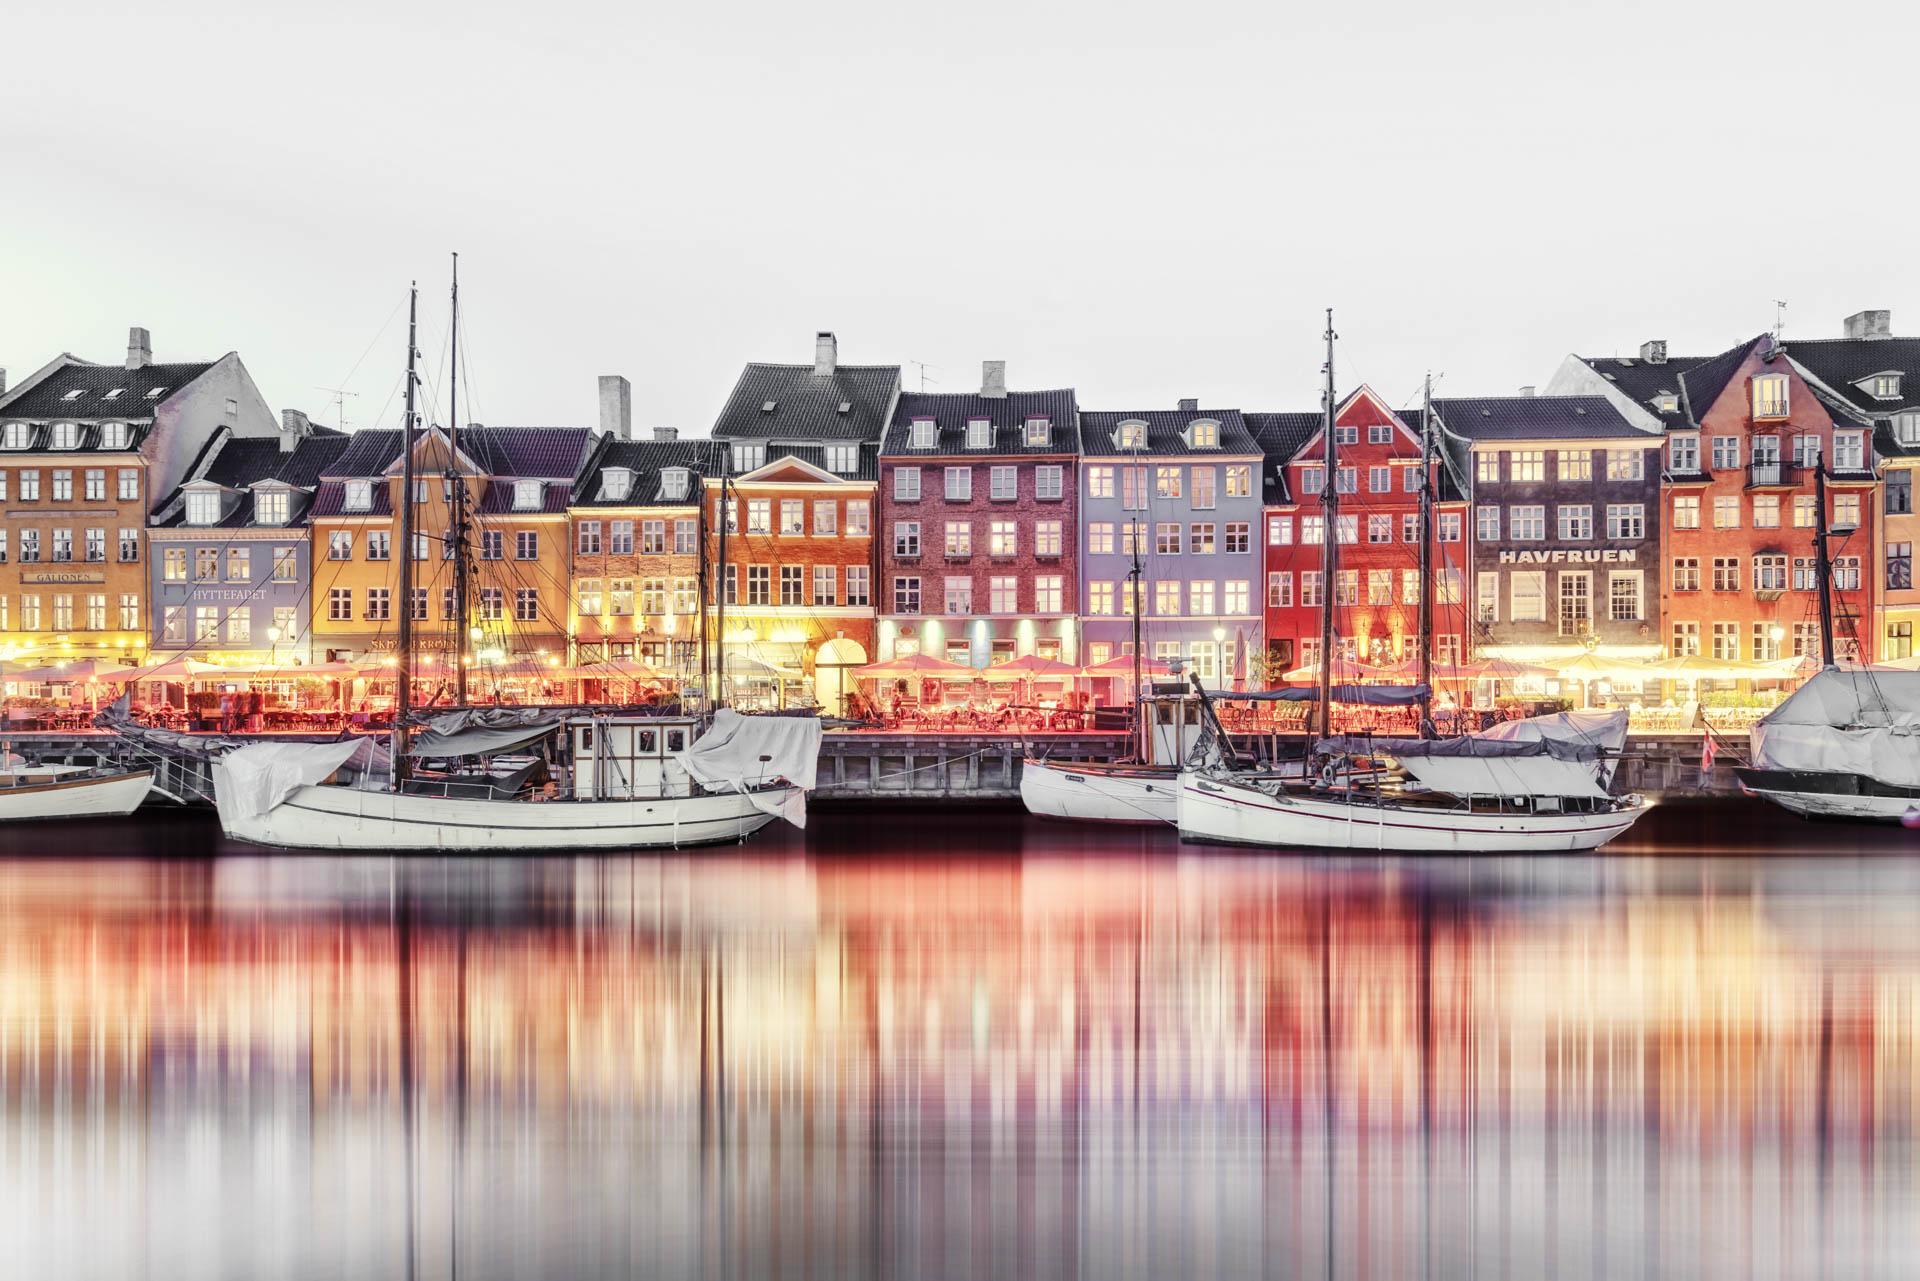 Copenhague2019-Still-37.jpg